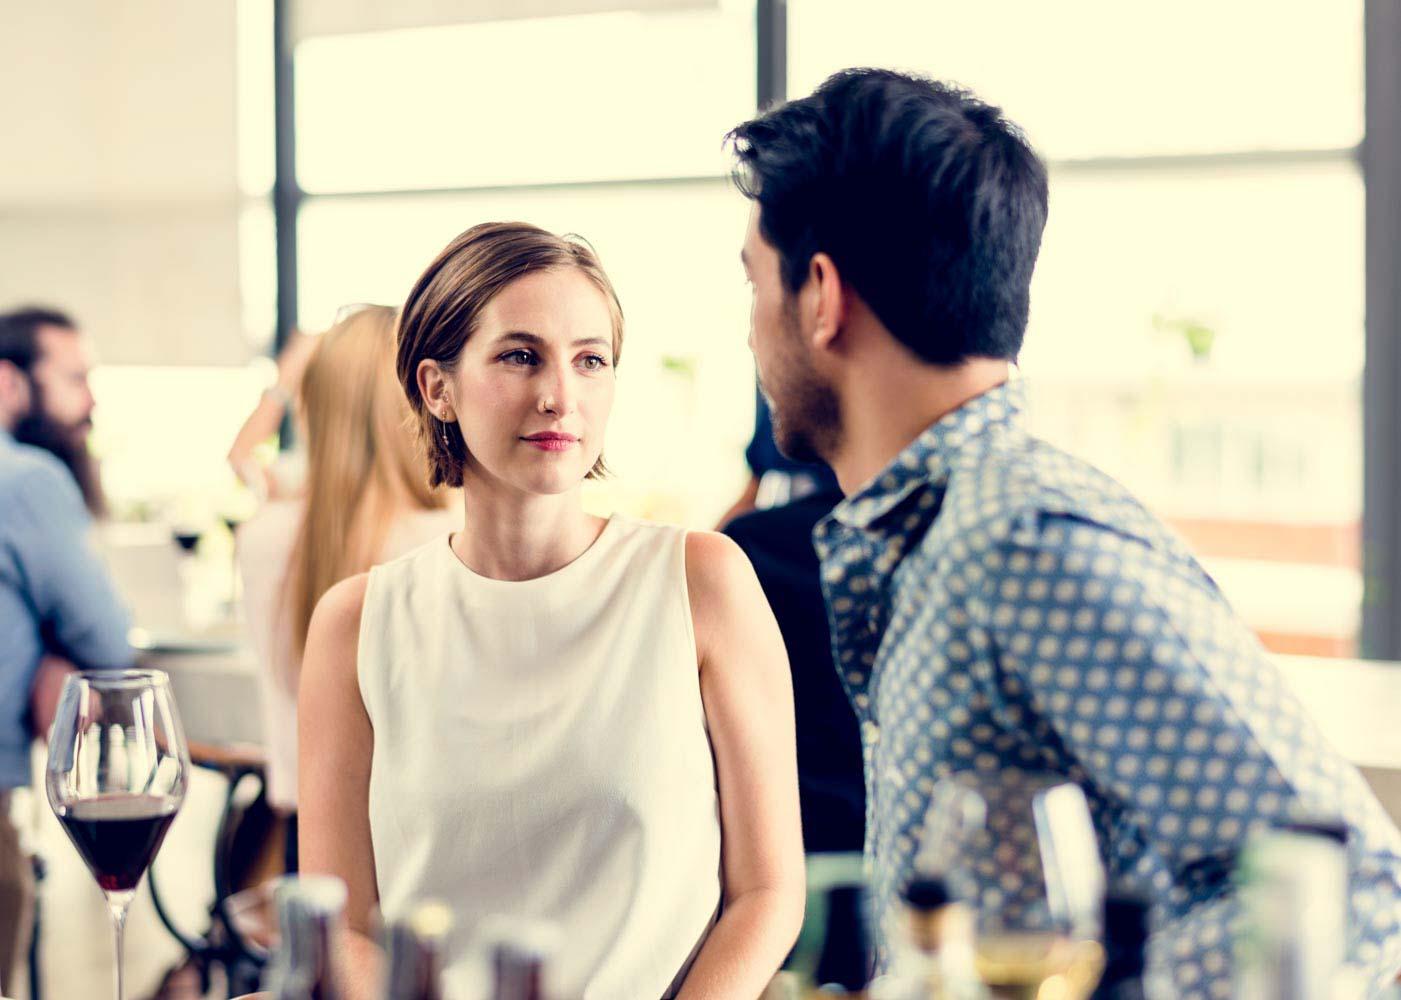 Man flirting style taurus How He